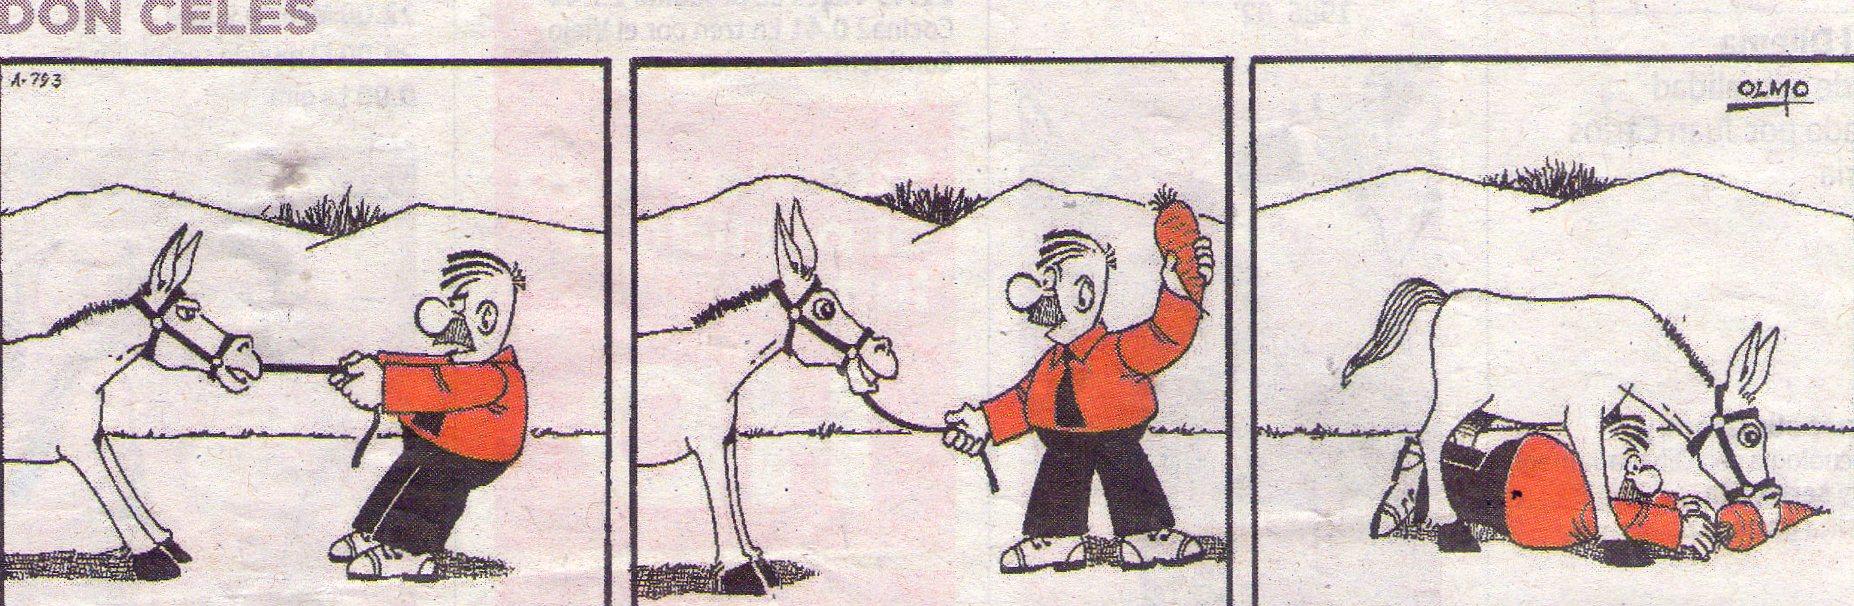 Don Celes Ofrece Una Zanahoria Al Burro Don Celes Carovius La fábula del burro y la zanahoria narra la historia de un burro con una zanahoria delante que nunca llega a coger. don celes ofrece una zanahoria al burro